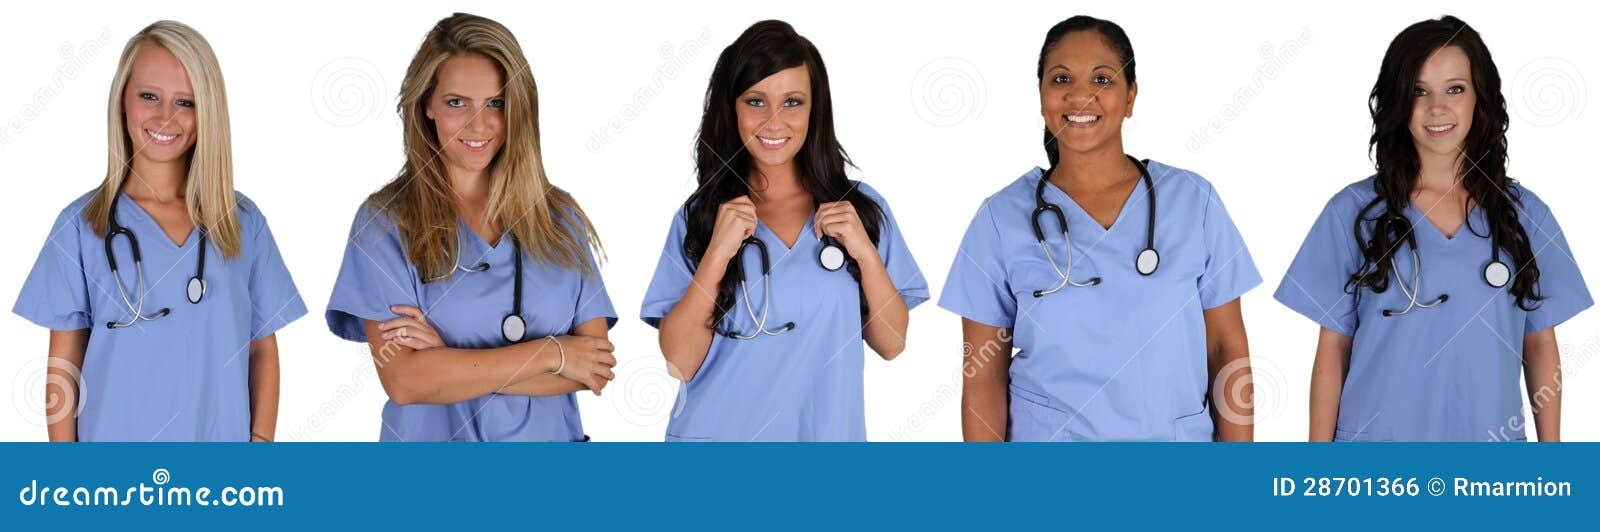 Schwangere Krankenschwestern in USA: Mehr Mitarbeiter in